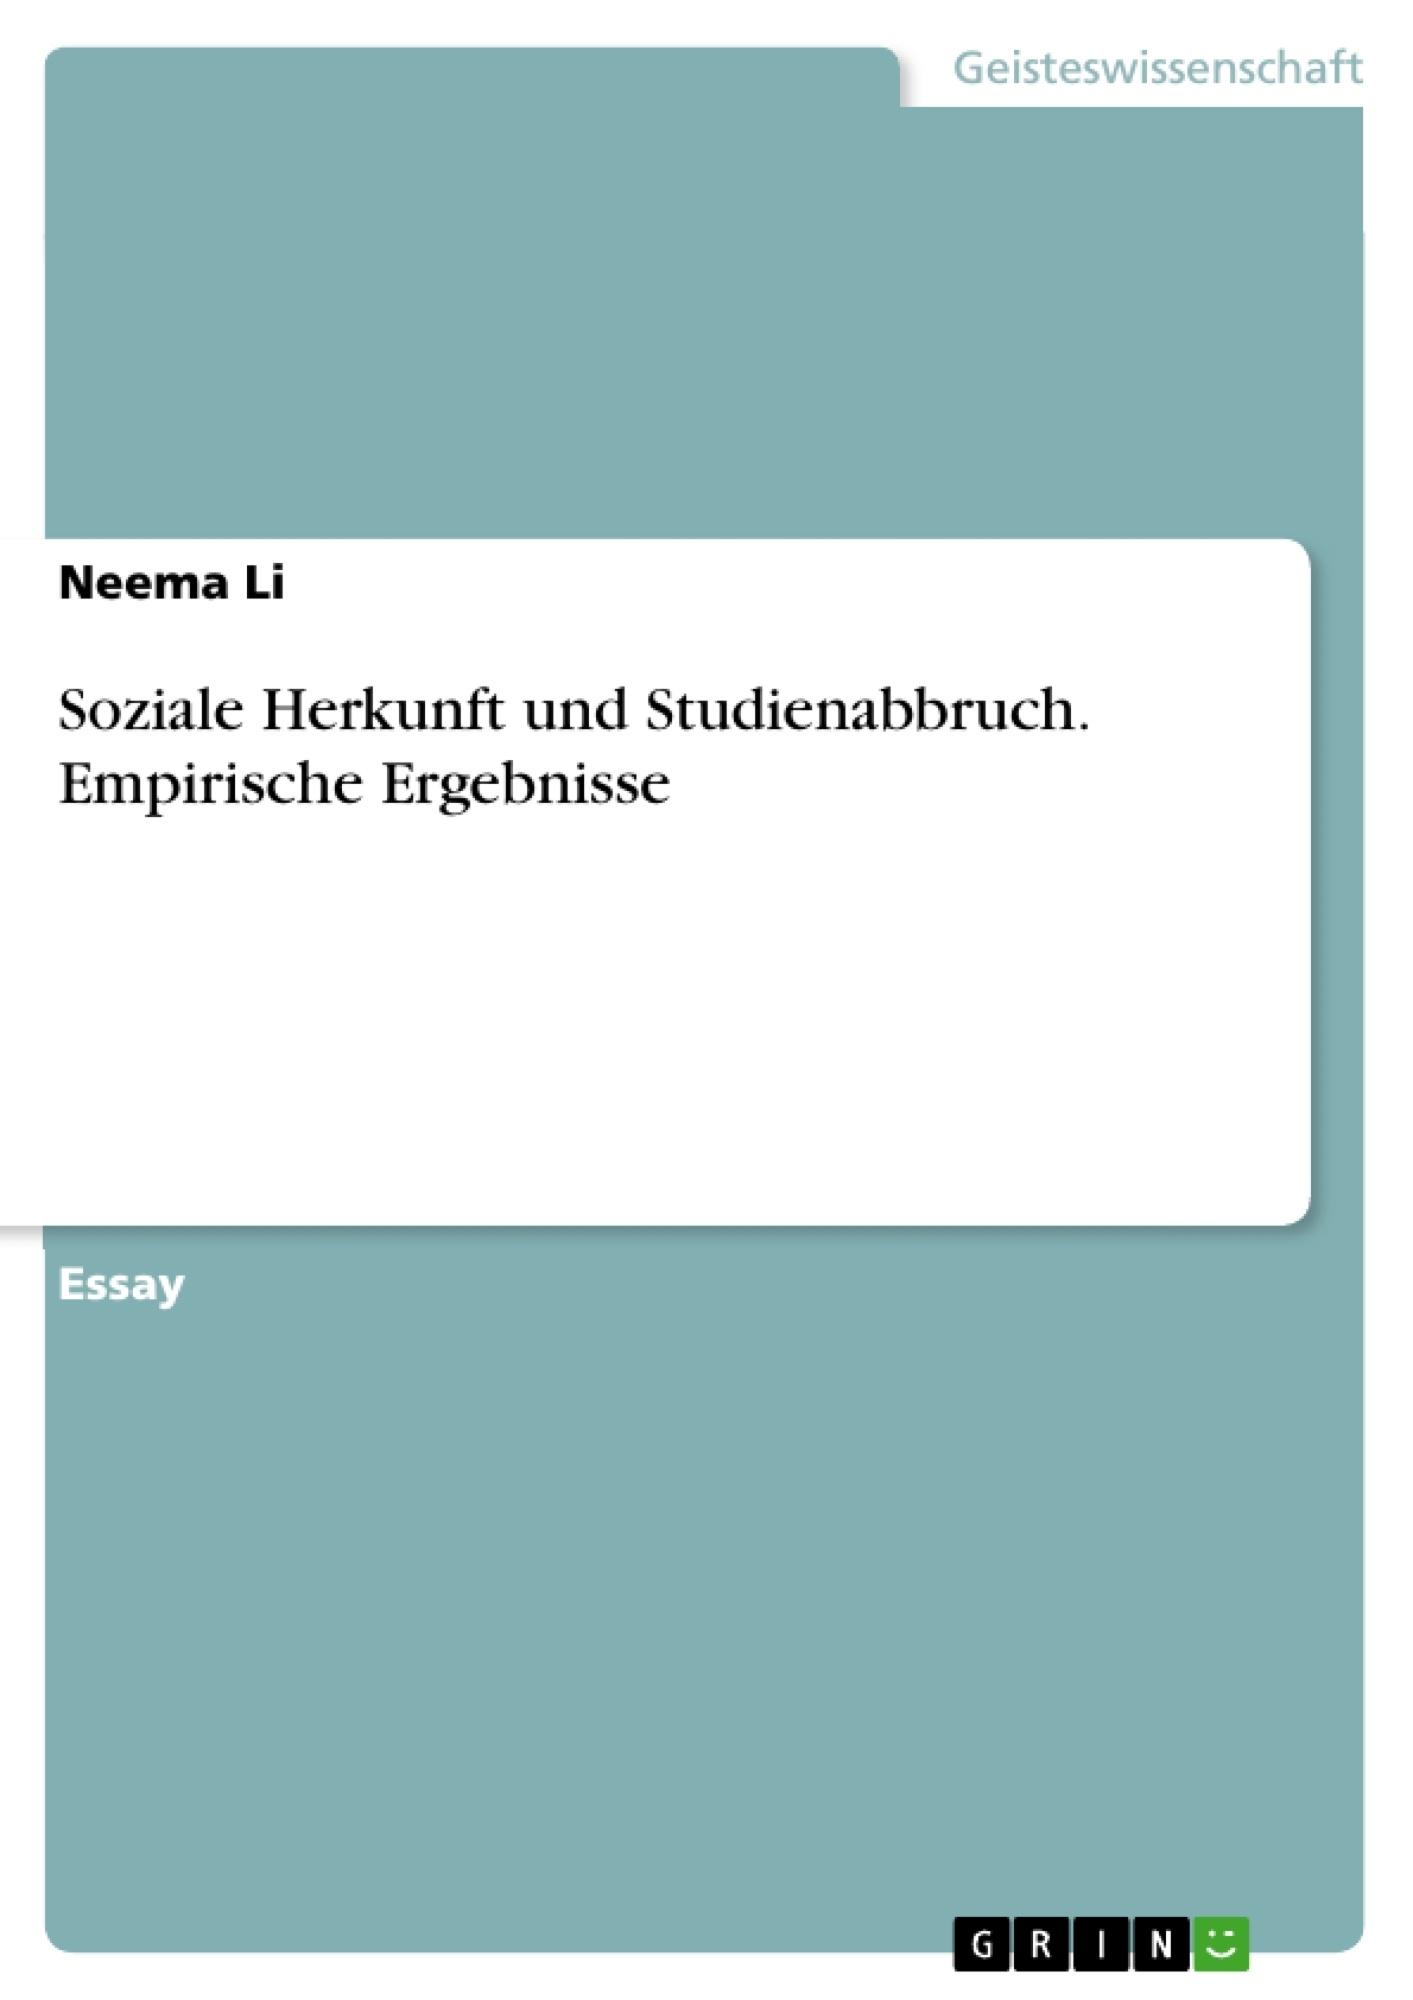 Titel: Soziale Herkunft und Studienabbruch. Empirische Ergebnisse